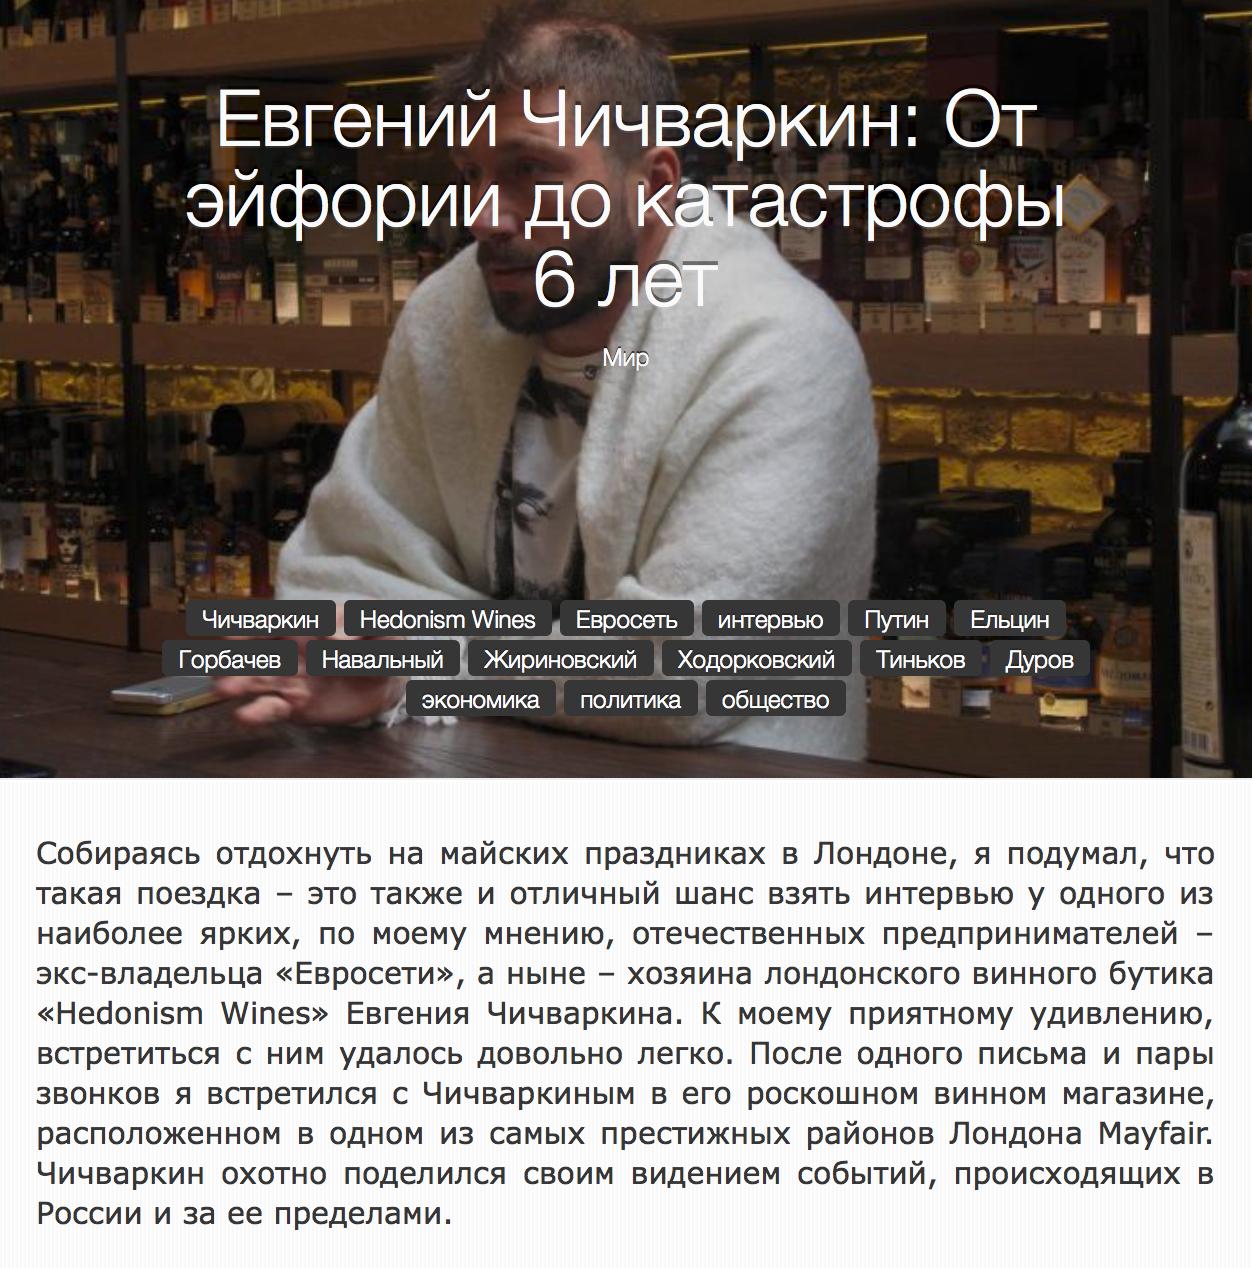 Снимок экрана 2014-05-16 в 12.53.34.png